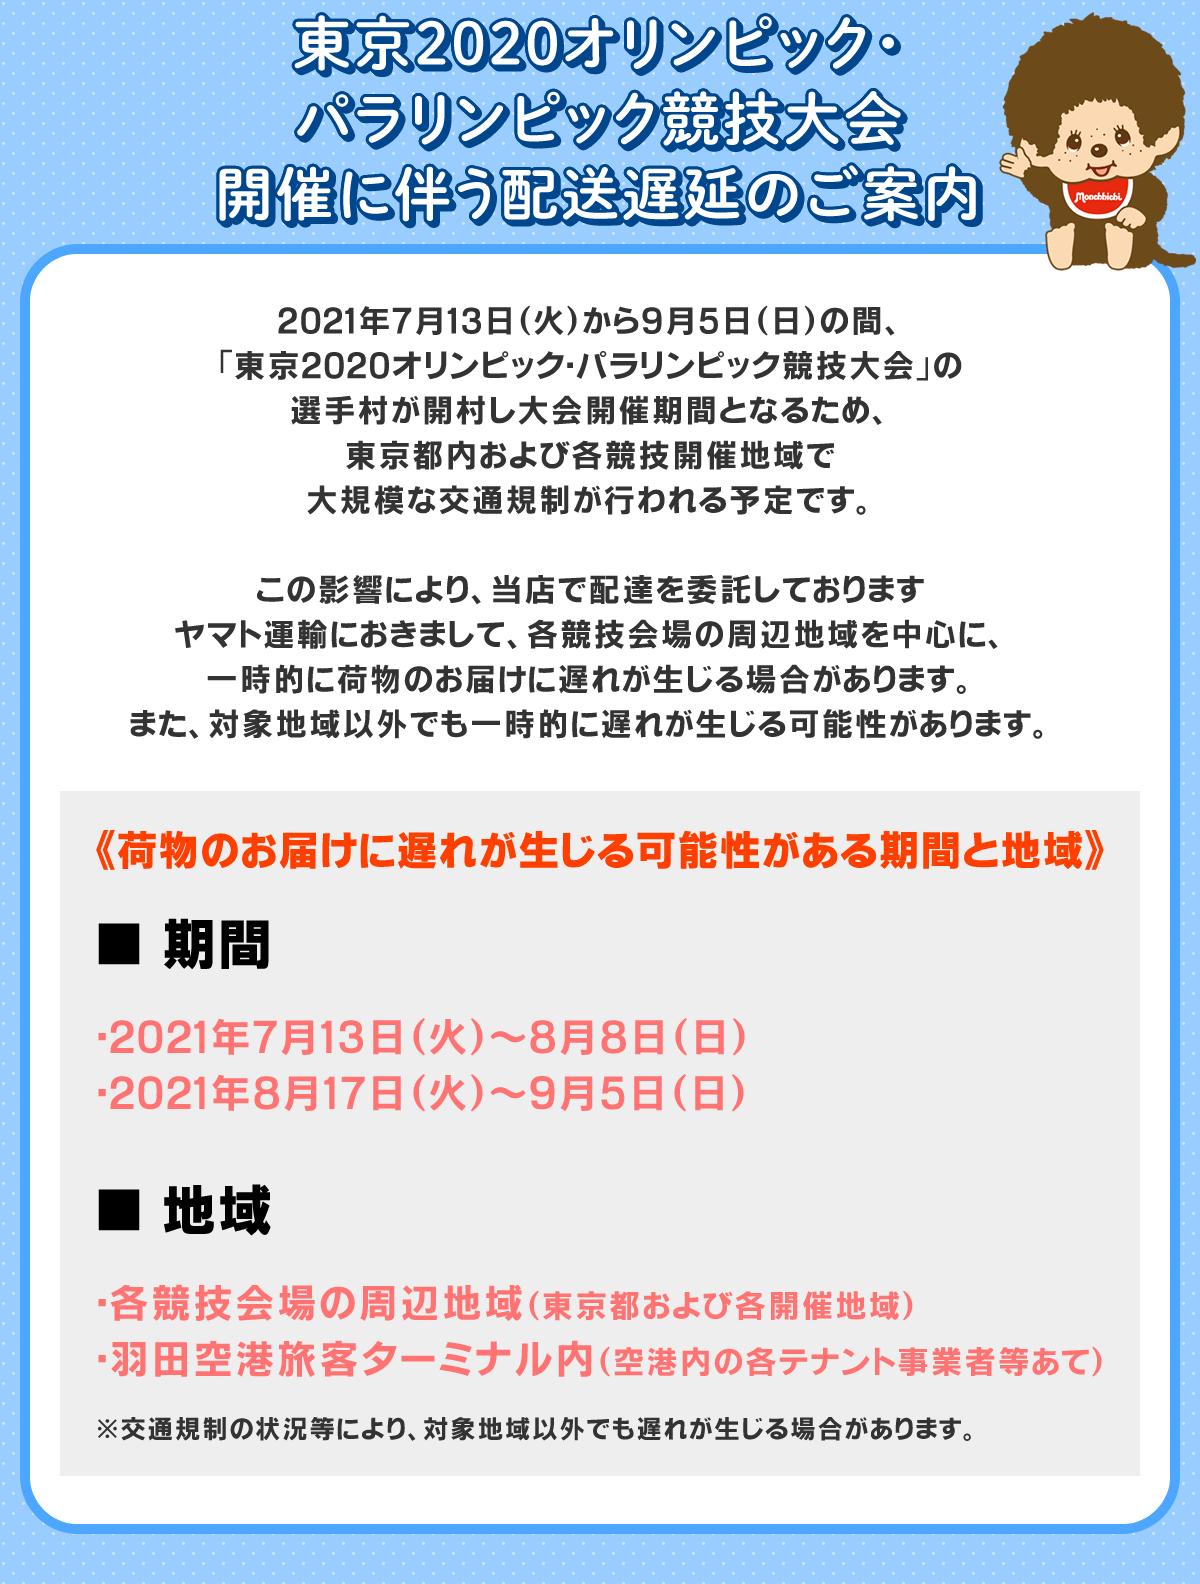 東京2020オリンピック・パラリンピック競技大会開催に伴う配送遅延のご案内